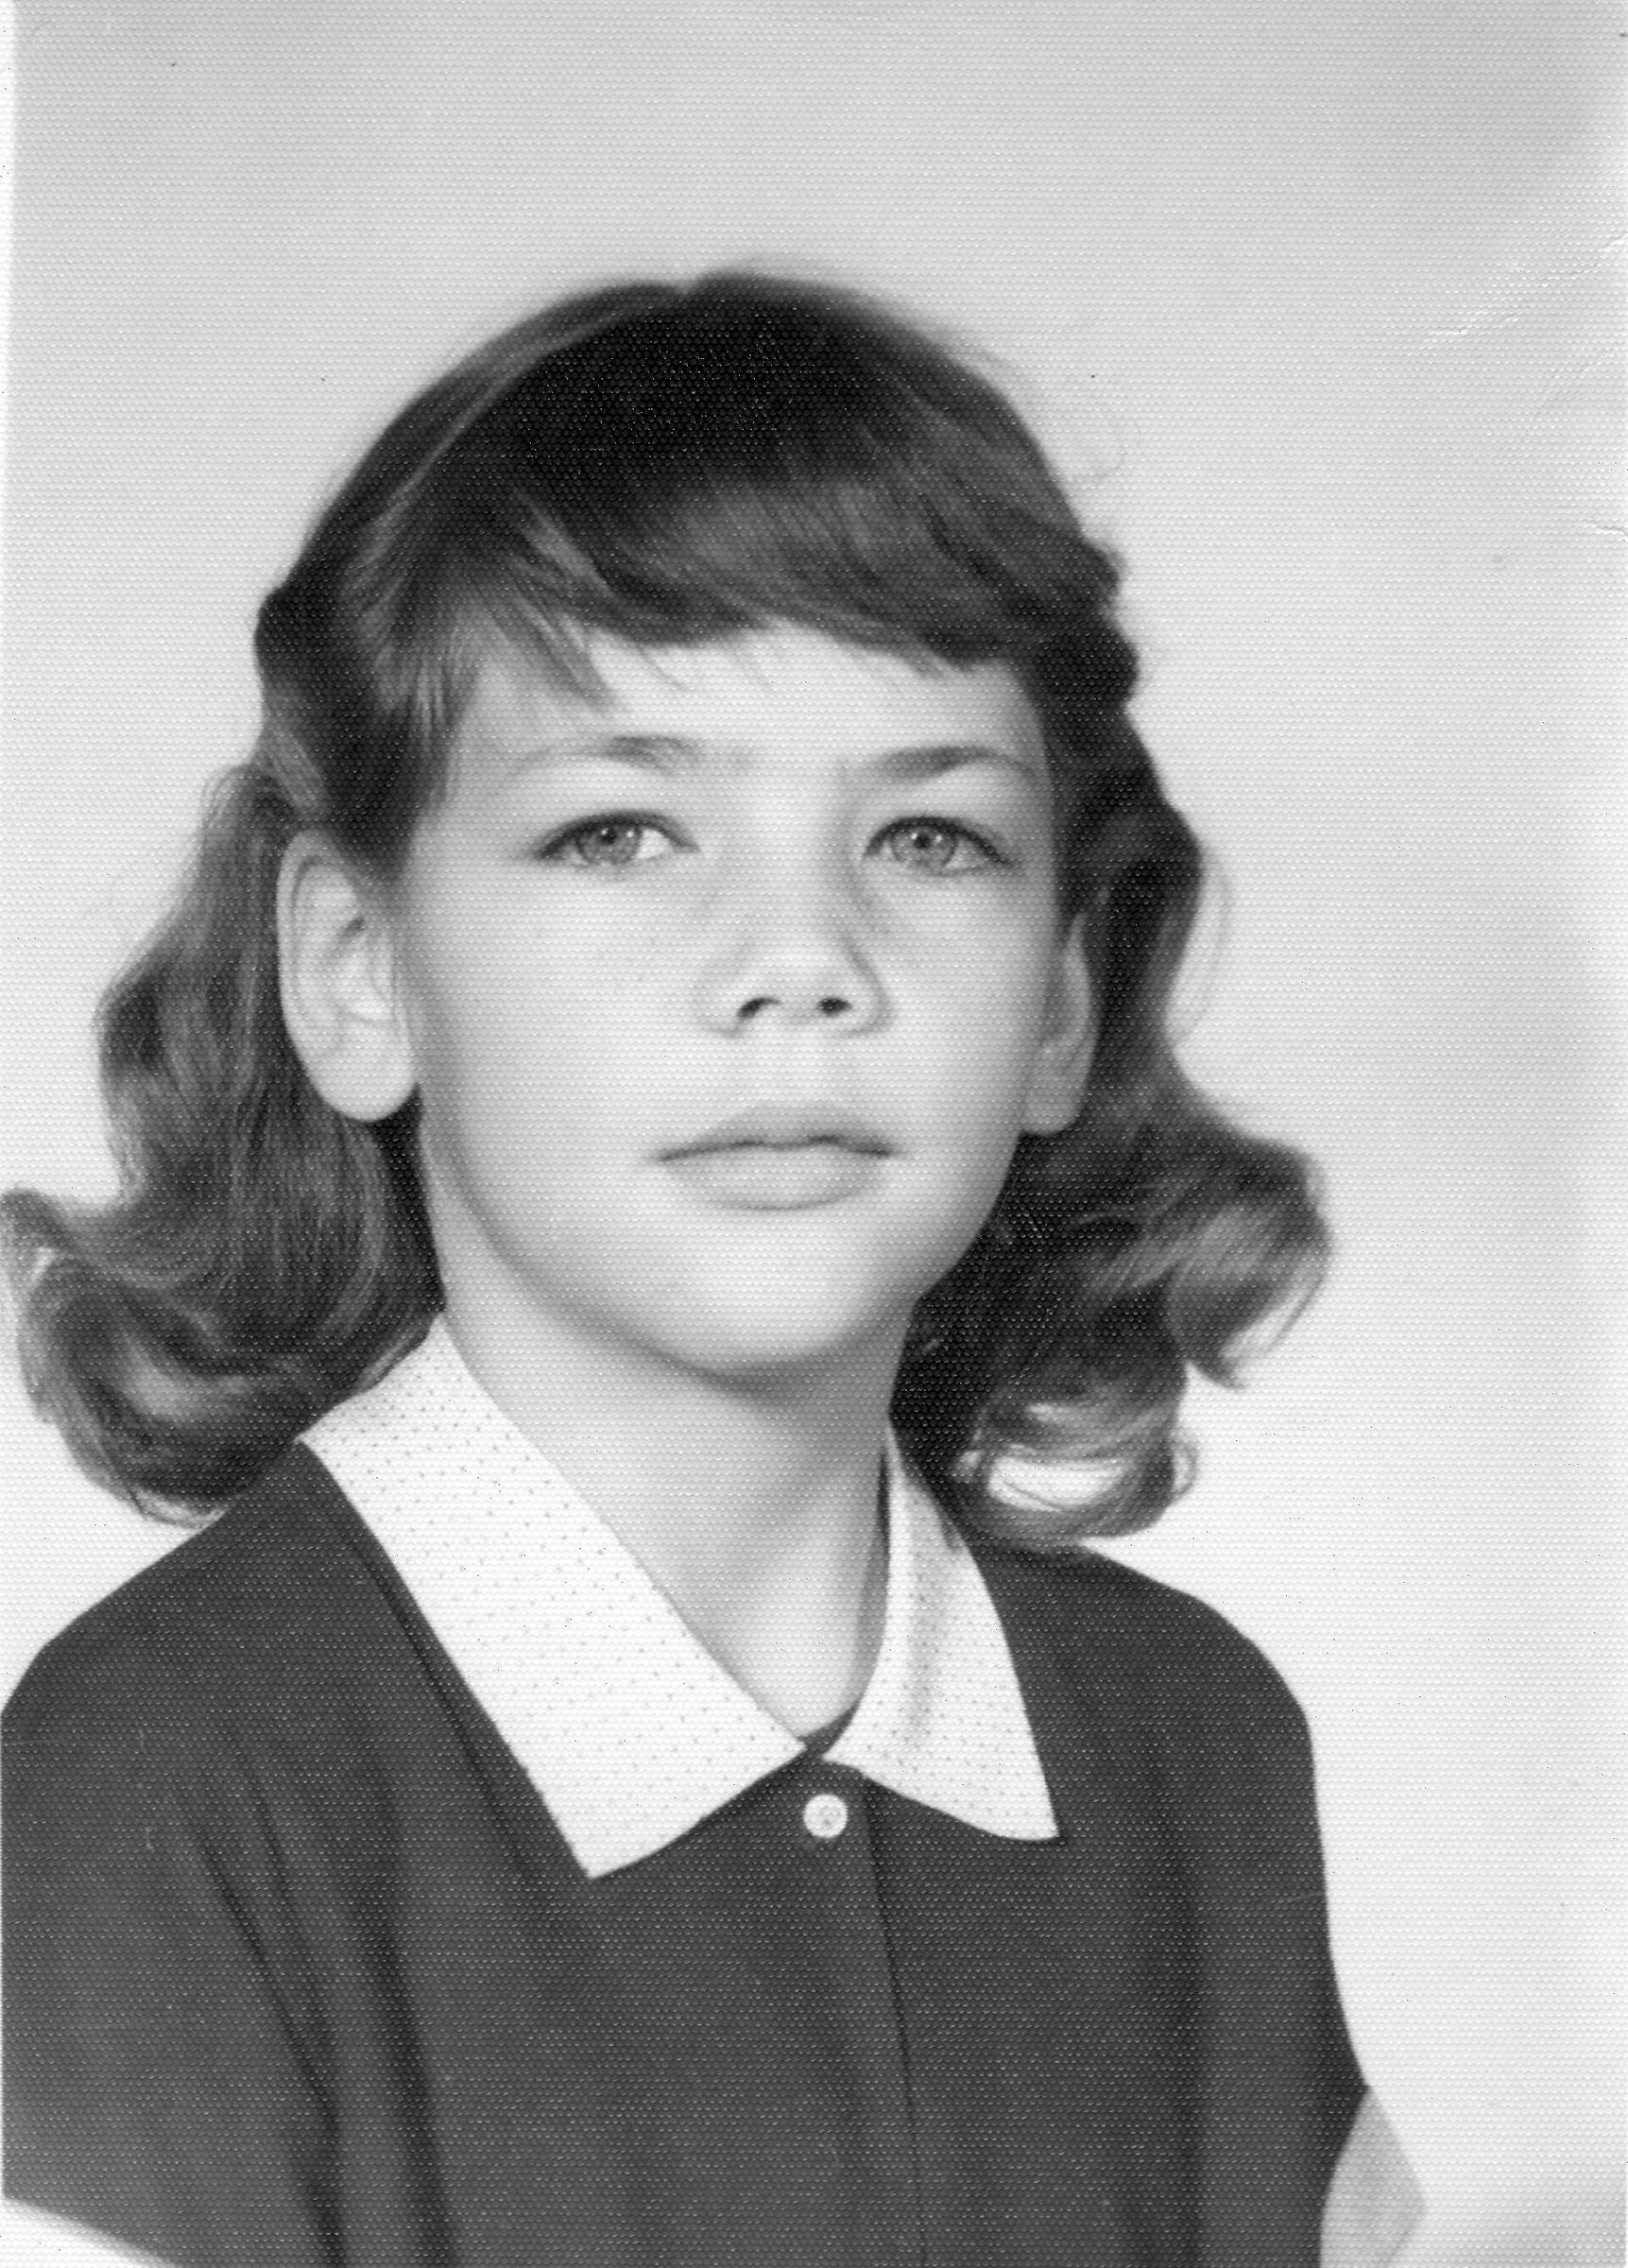 Warren's third-grade school photo.